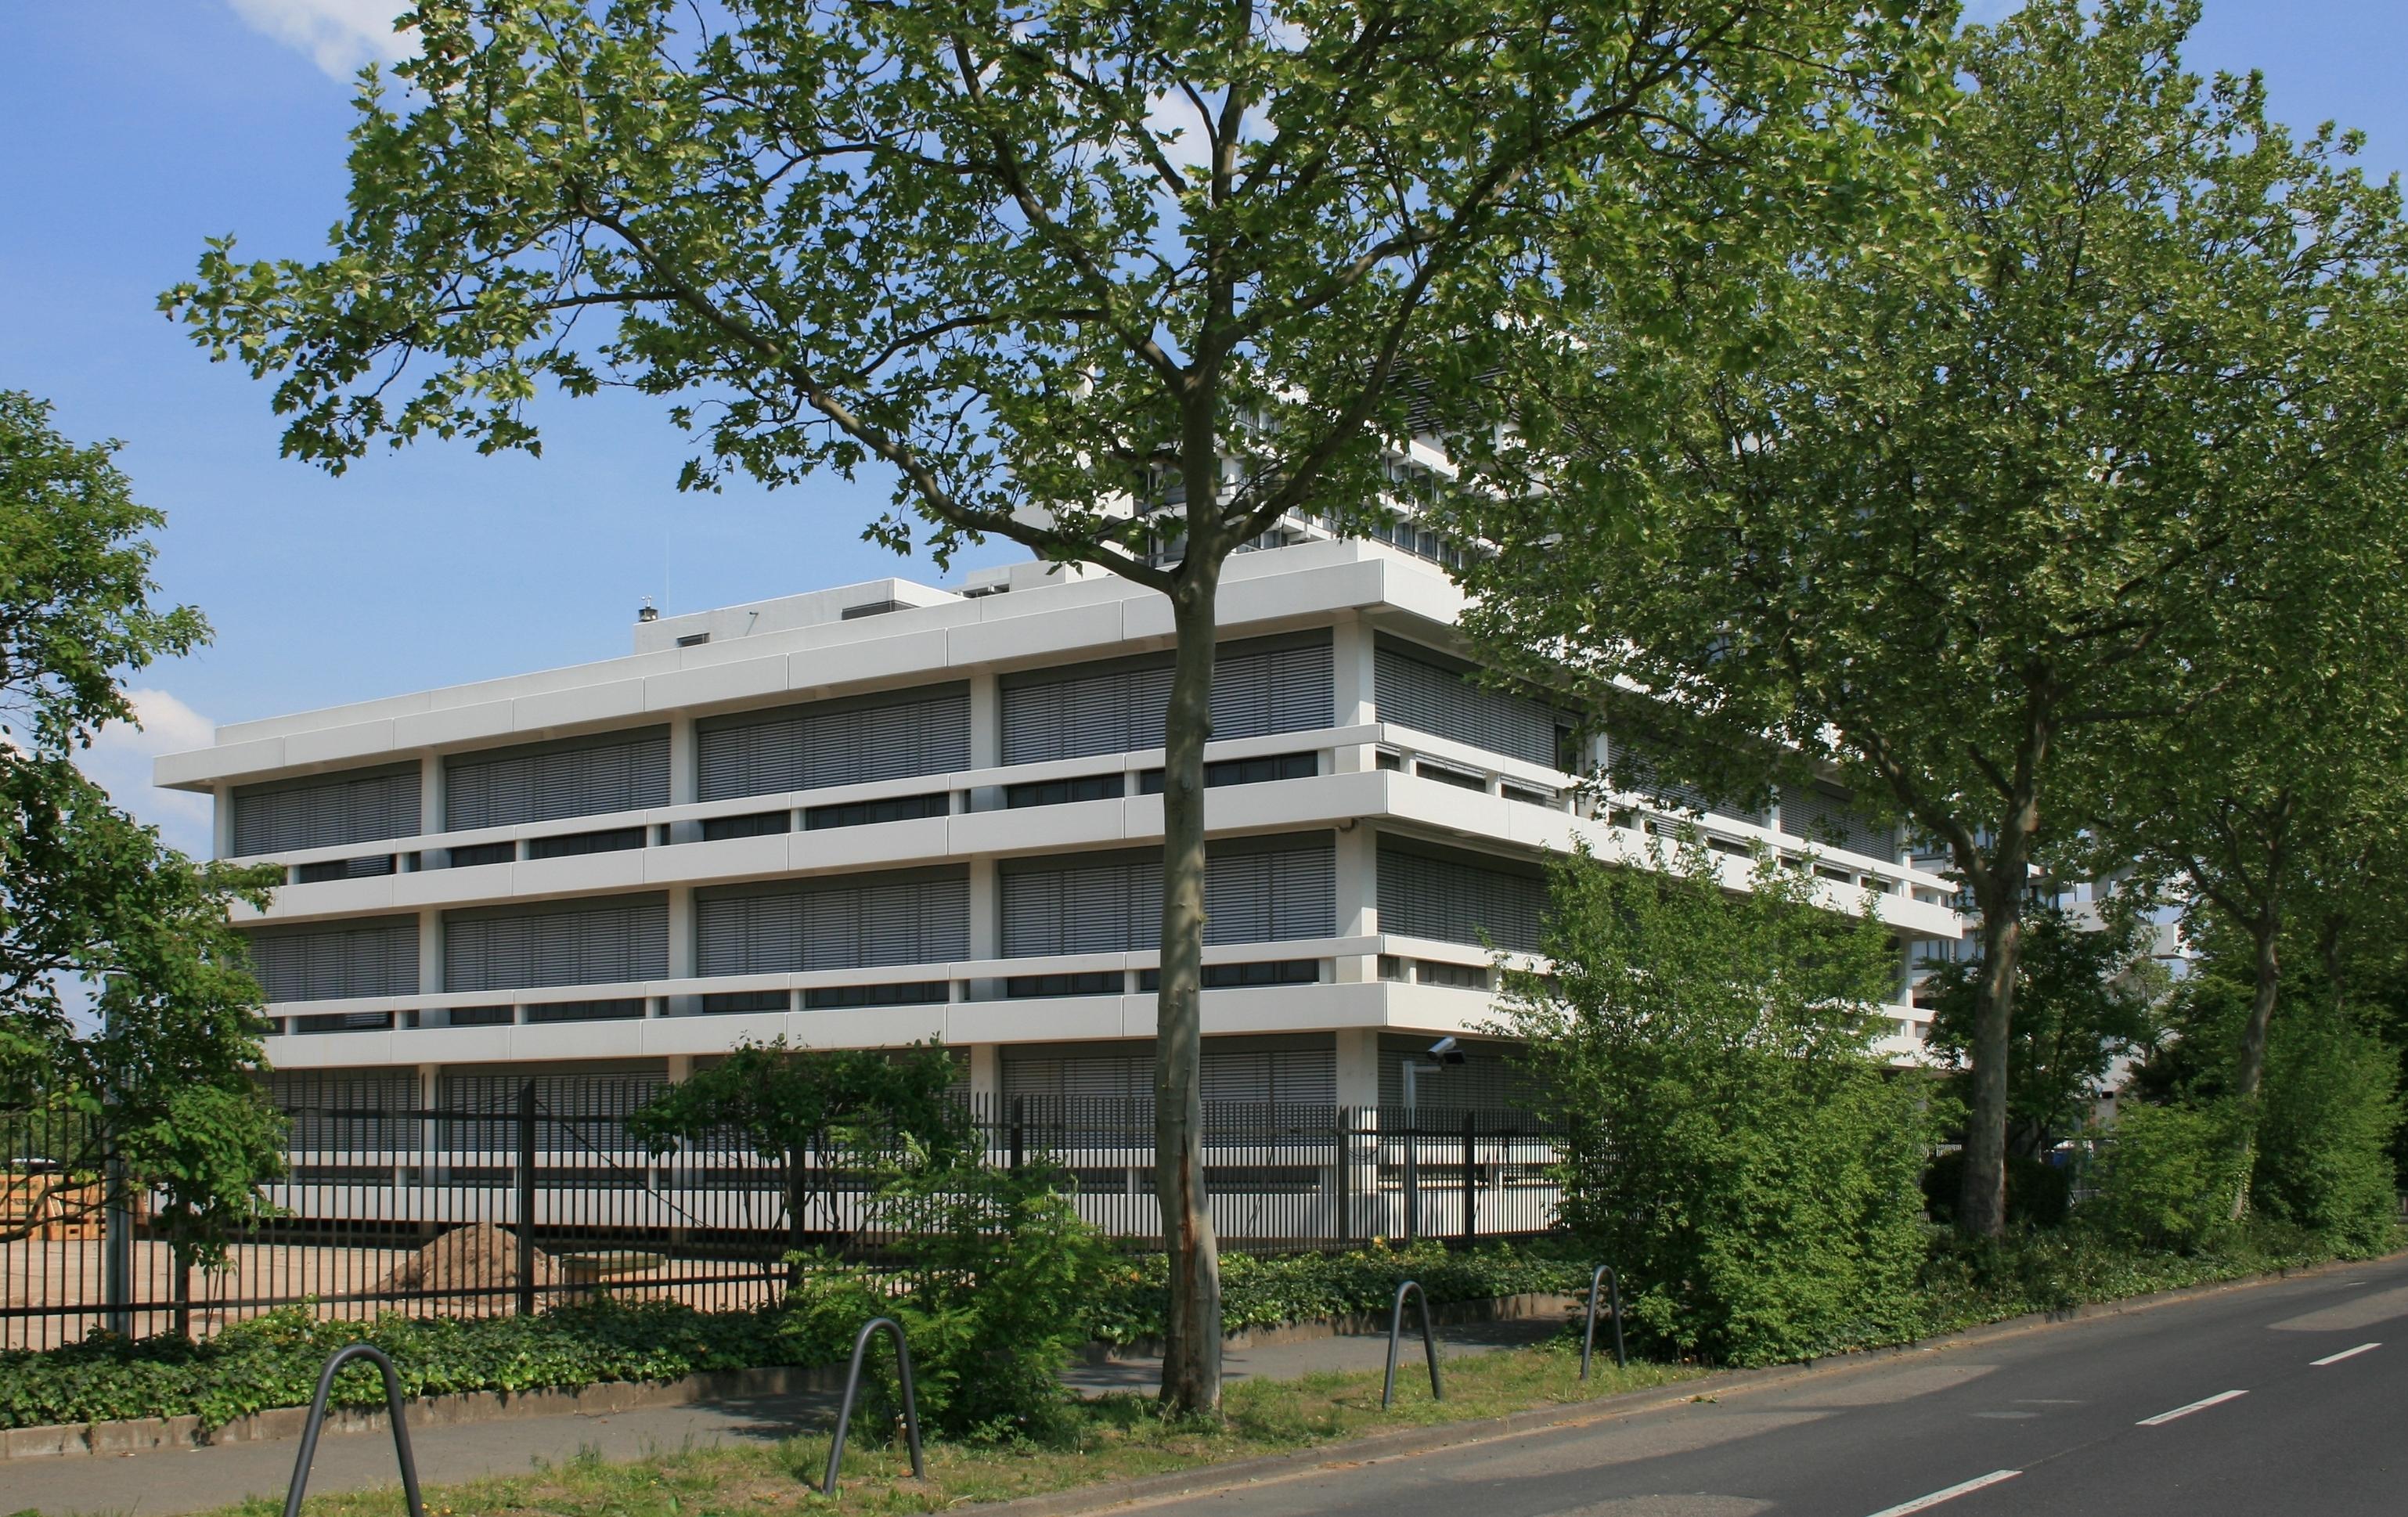 Das Eisenbahn-Bundesamt in Bonn